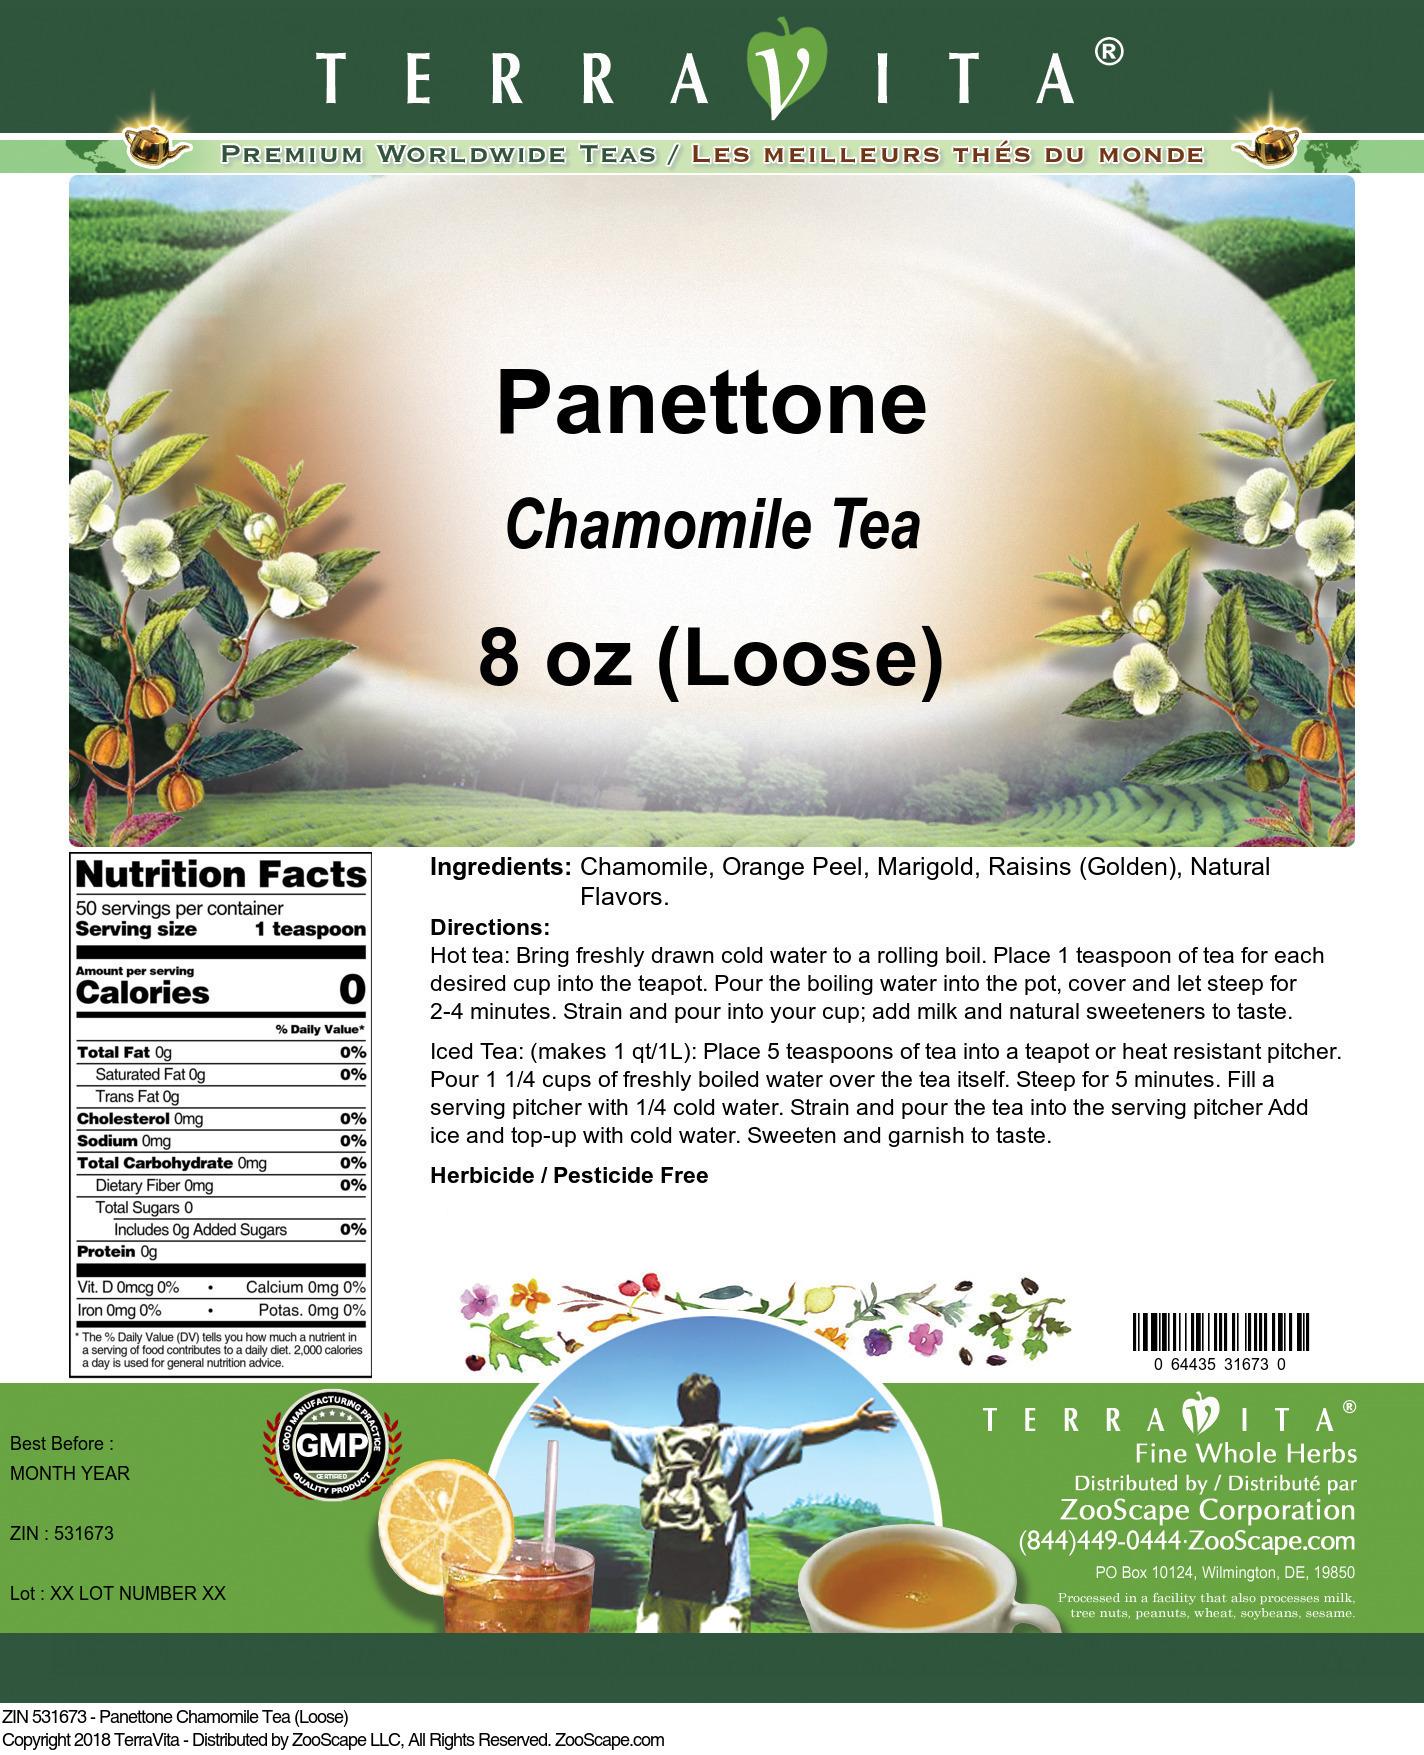 Panettone Chamomile Tea (Loose)